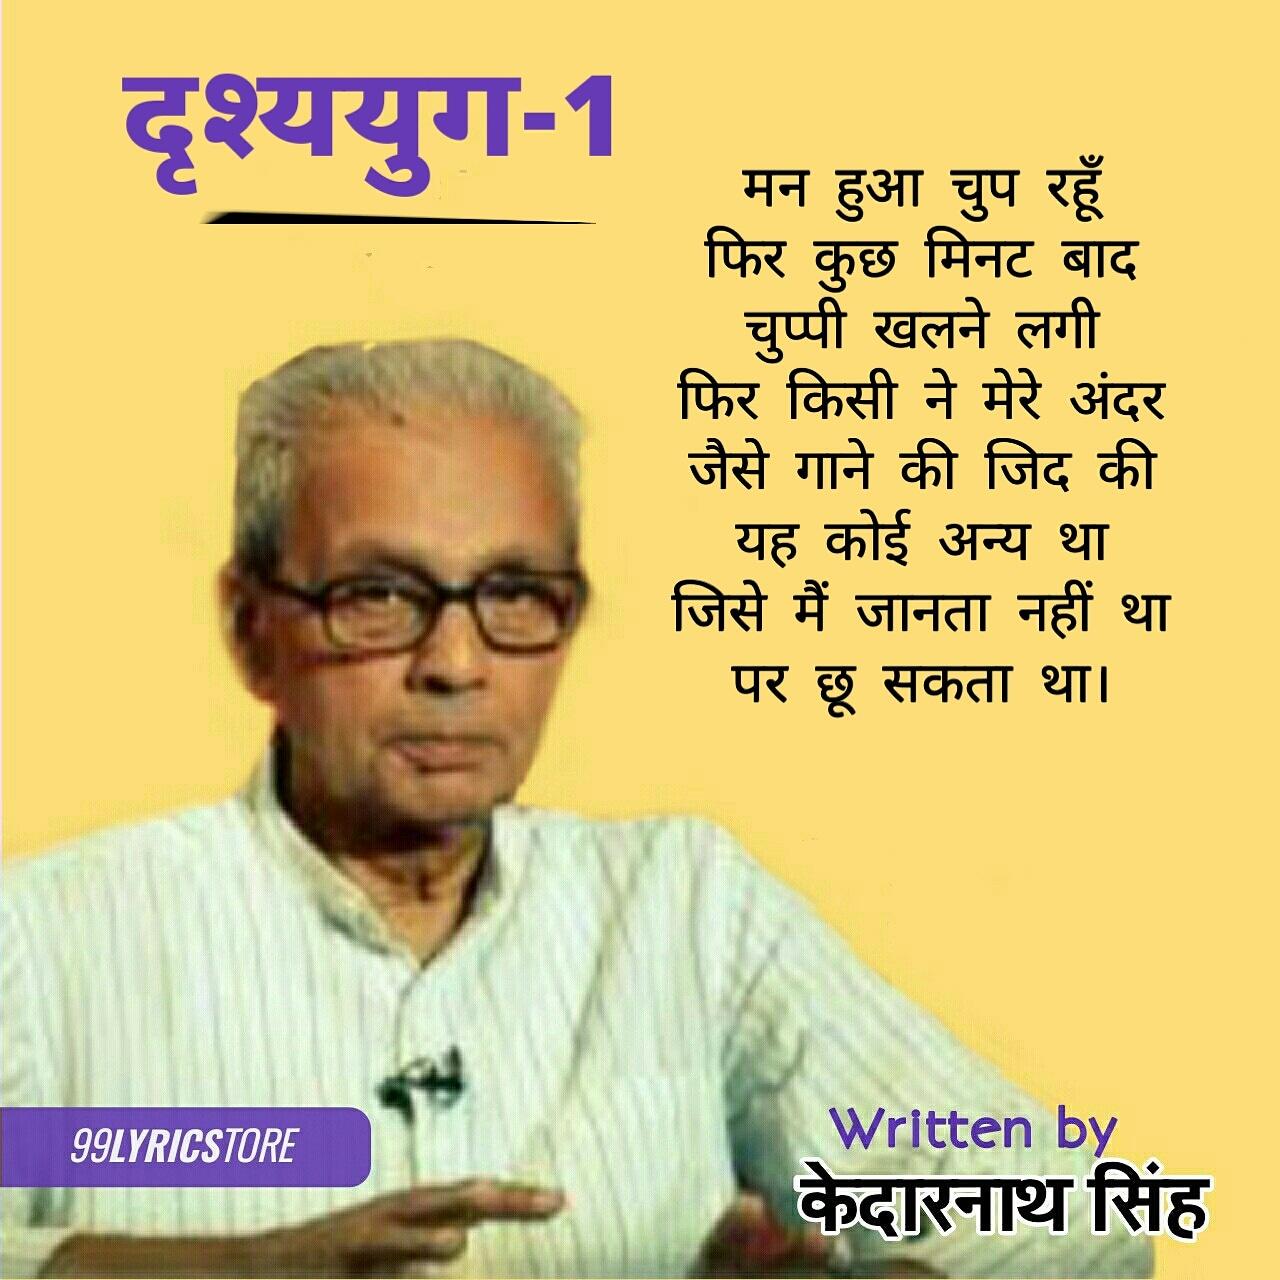 'दृश्ययुग-1' कविता केदारनाथ सिंह जी द्वारा लिखी गई एक हिन्दी कविता है जिसके दो भाग है। पहला  दृश्ययुग-1 और दुसरा दृश्ययुग- 2 है।  'उत्तर कबीर और अन्य कविताएँ' नामक कविता-संग्रह केदारनाथ सिंह जी द्वारा लिखी गई है  जिसमें यह कविता 'दृश्ययुग-1' भी संकलित हैं।